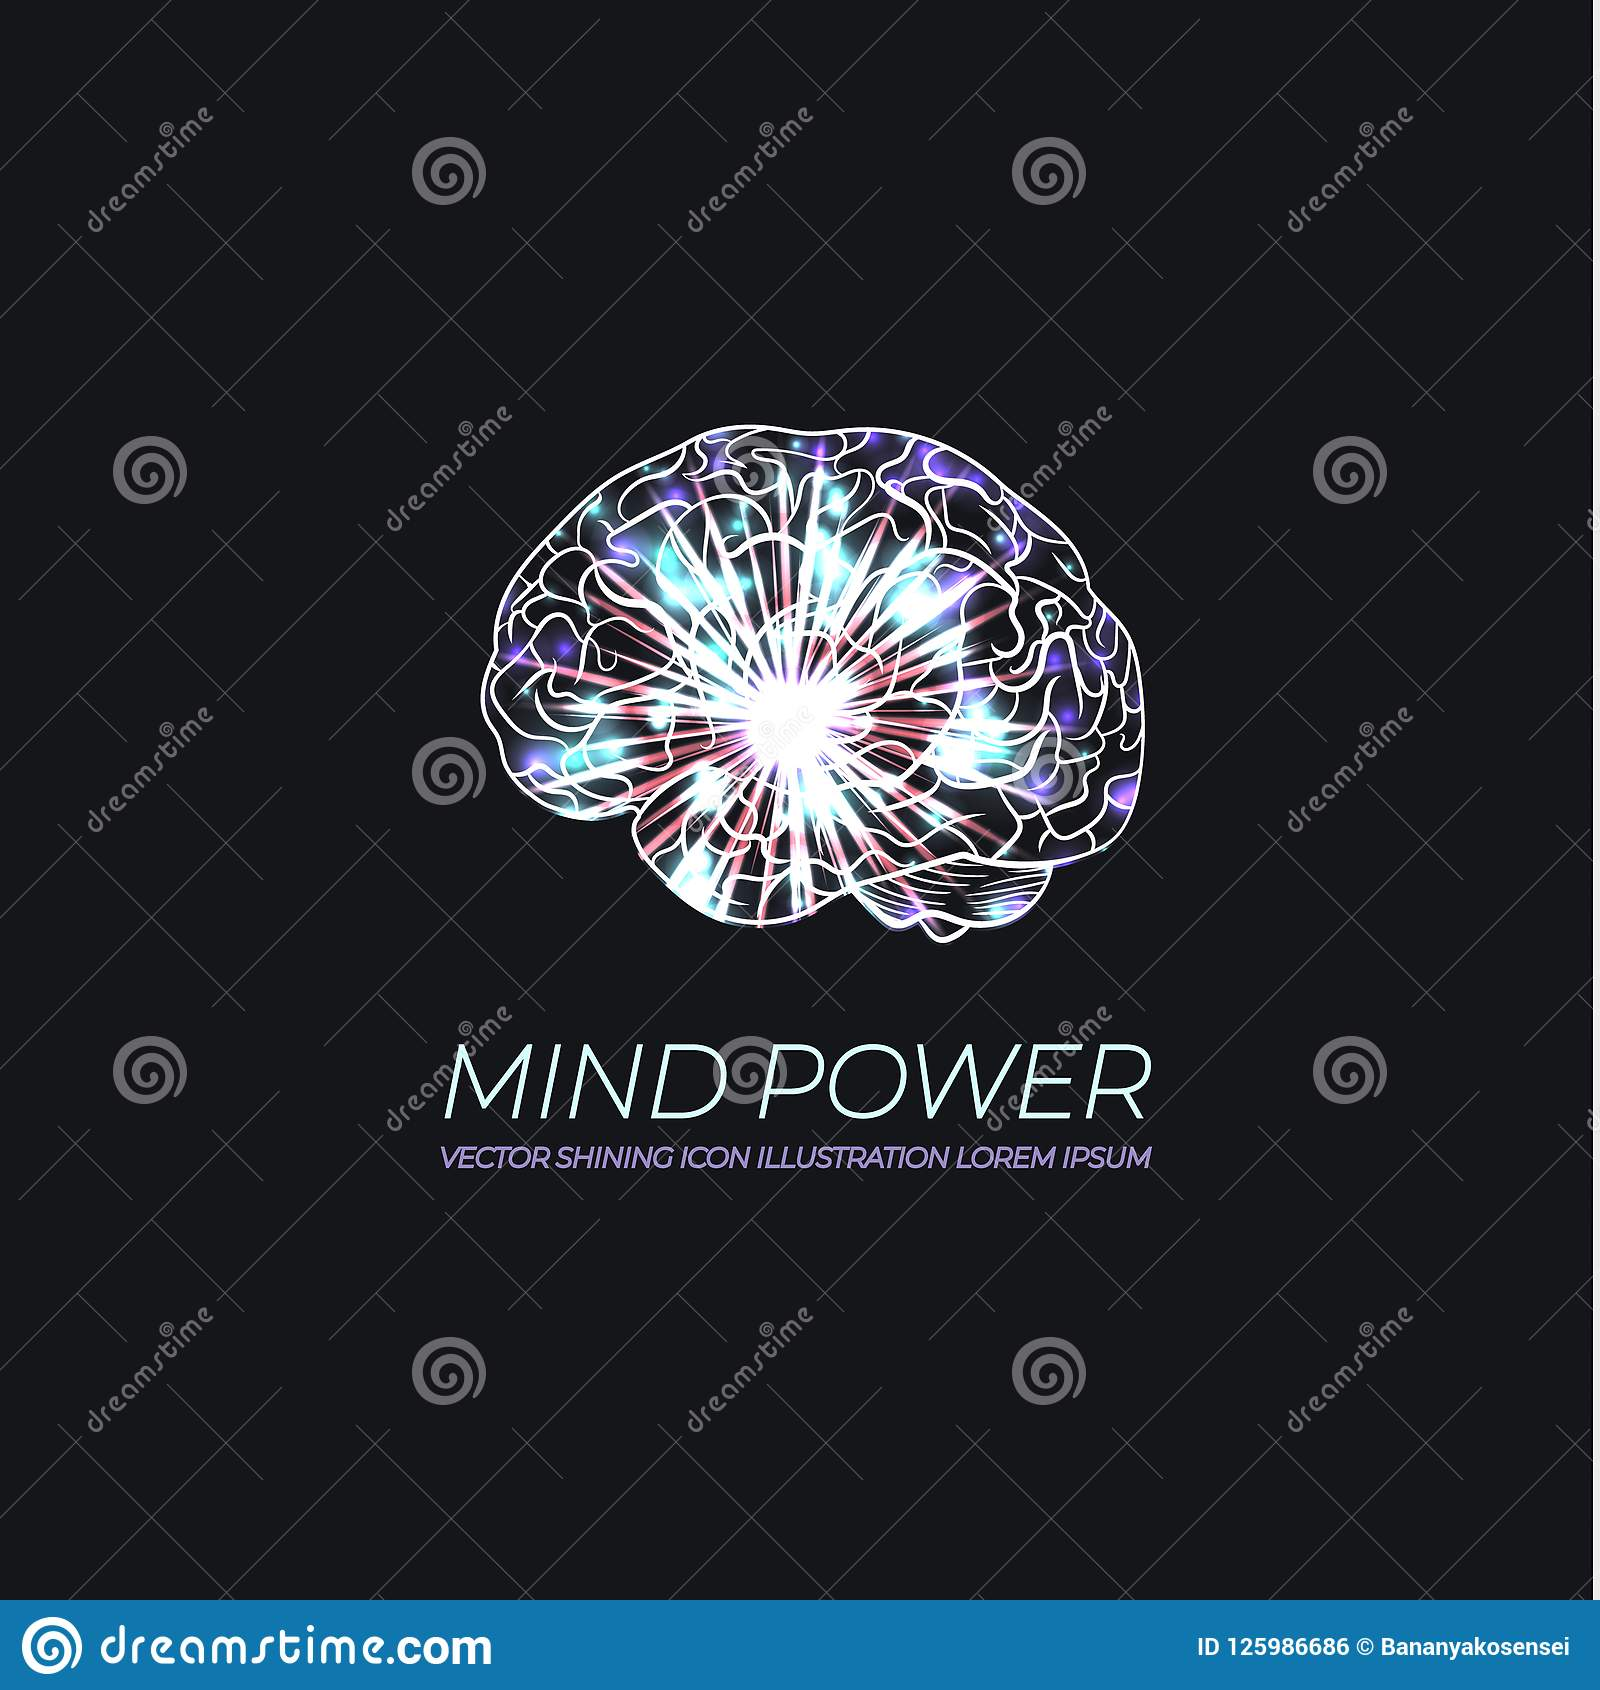 Vecteur Brain Illustration rougeoyant, logo au néon, image scientifique de cerveau, Intellegence artificiel